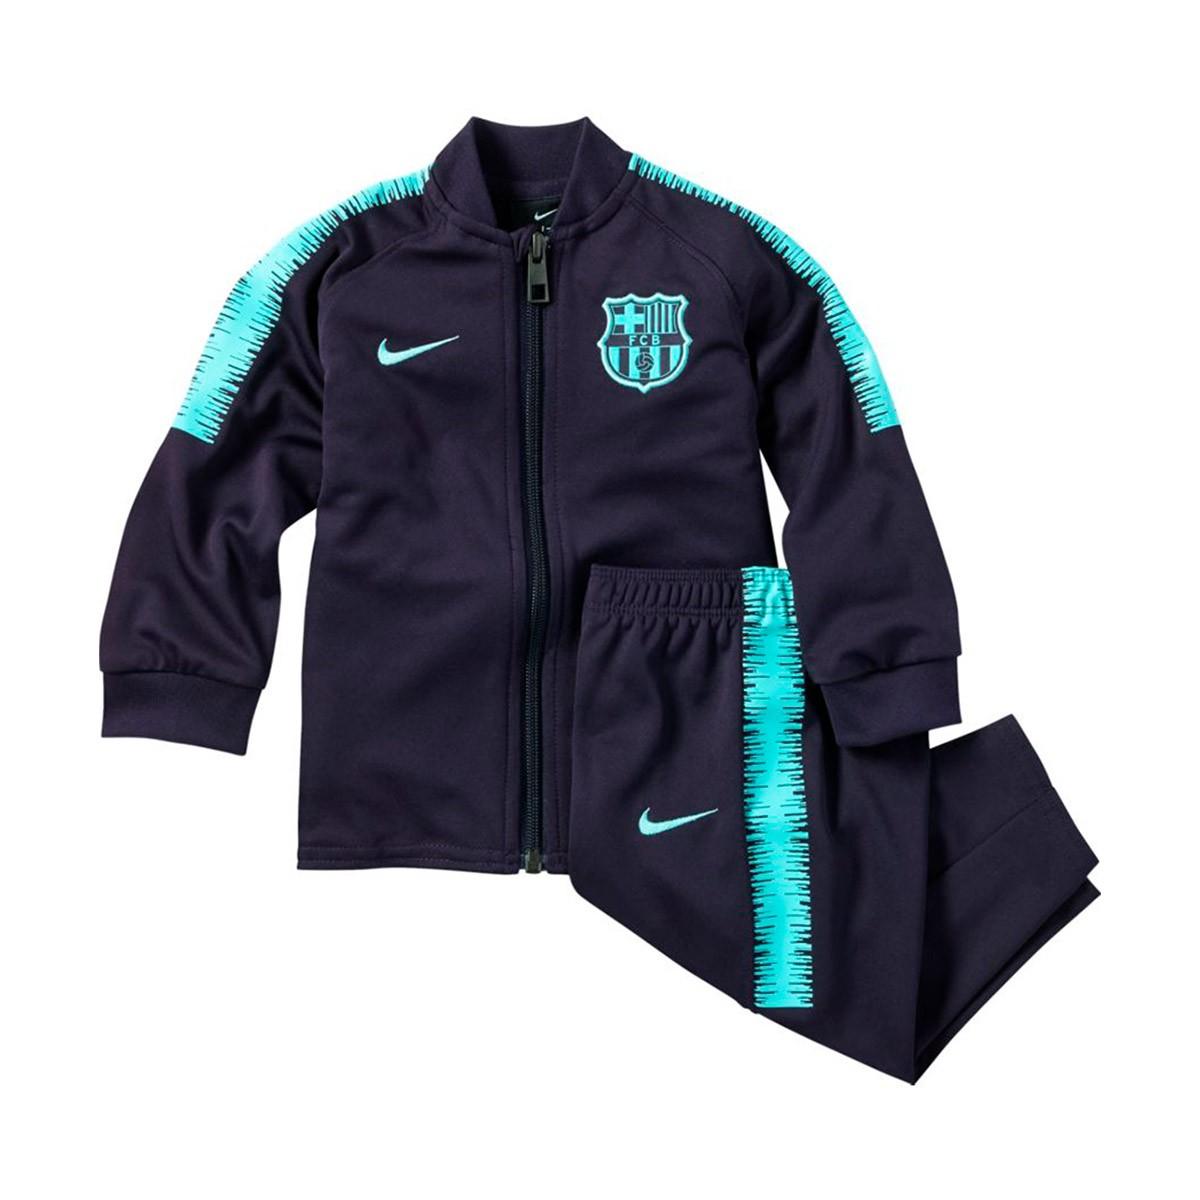 8b793e84e05c1e Tuta Nike Bebé Dry FC Barcellona Squad 2018-2019 Purple dynasty-Hyper  turquoise - Negozio di calcio Fútbol Emotion